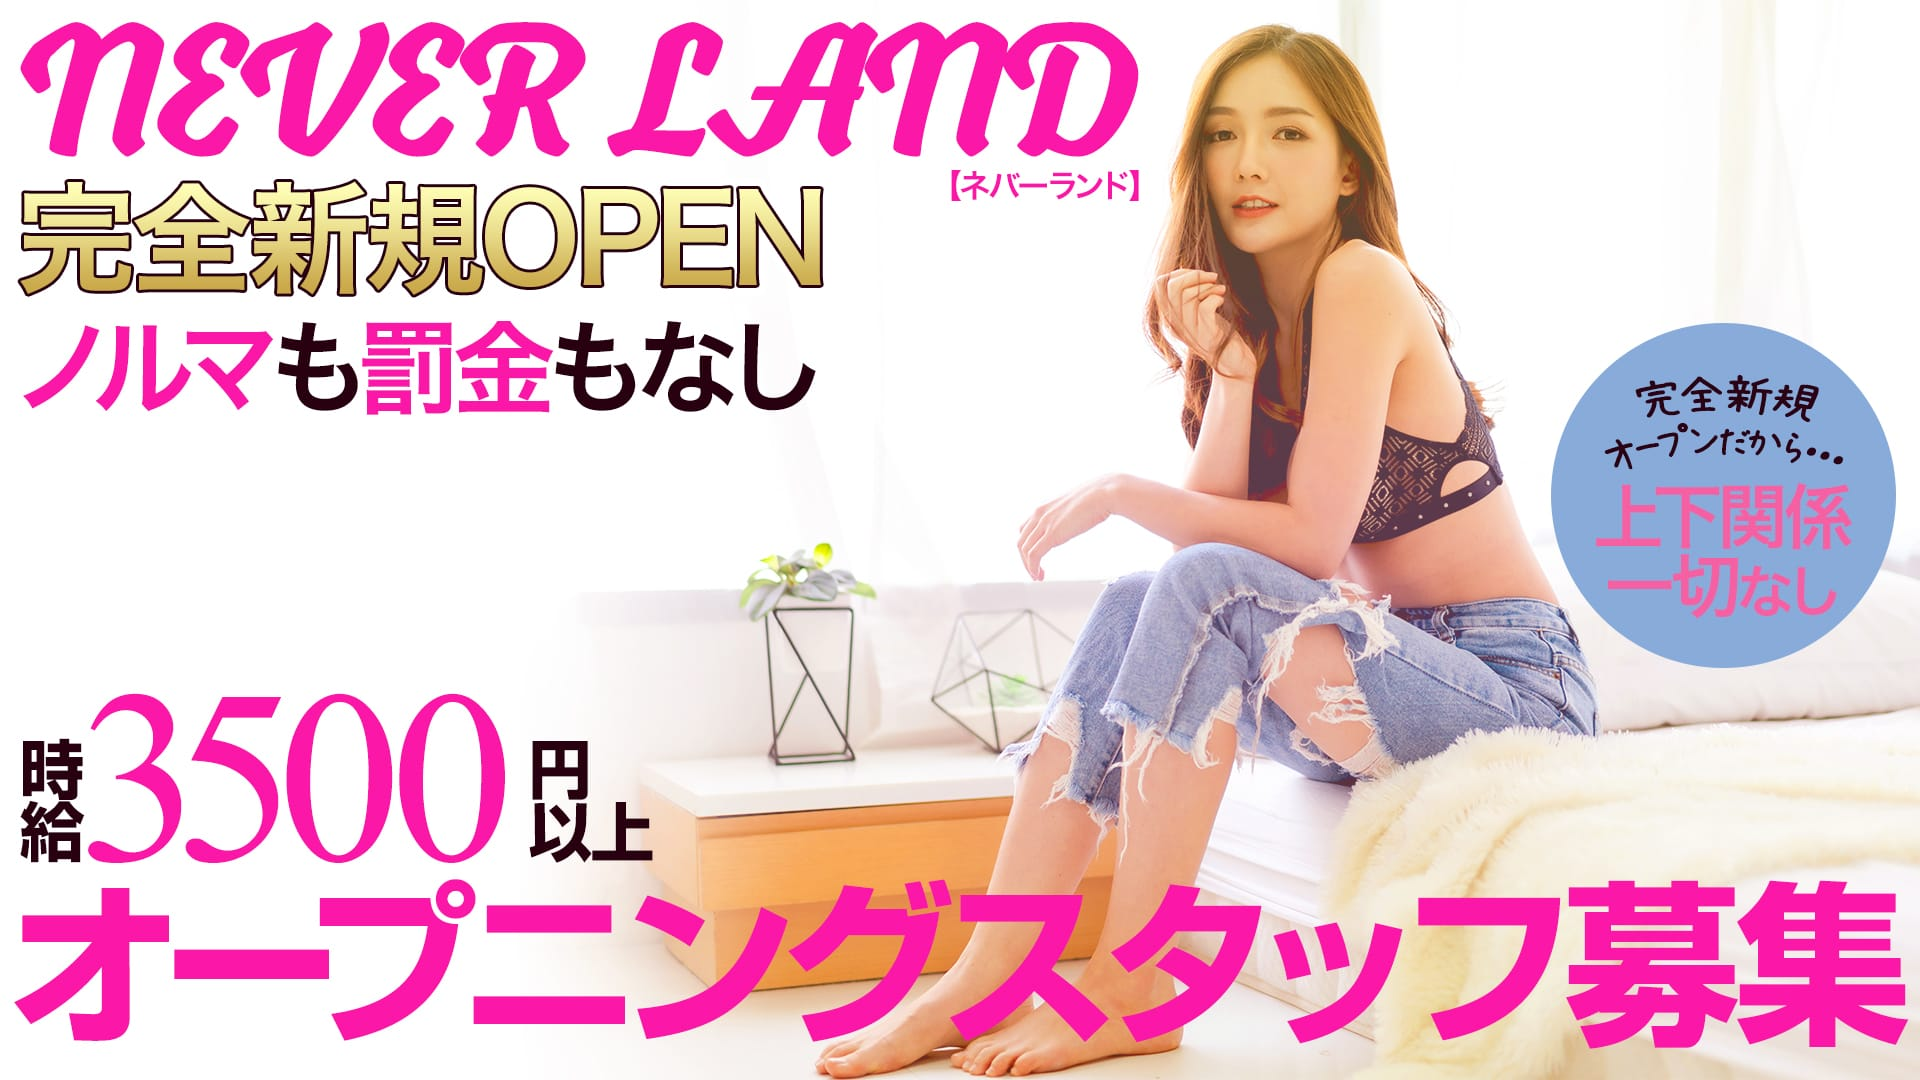 NEVER LAND (ネバーランド) 神田ガールズバー TOP画像